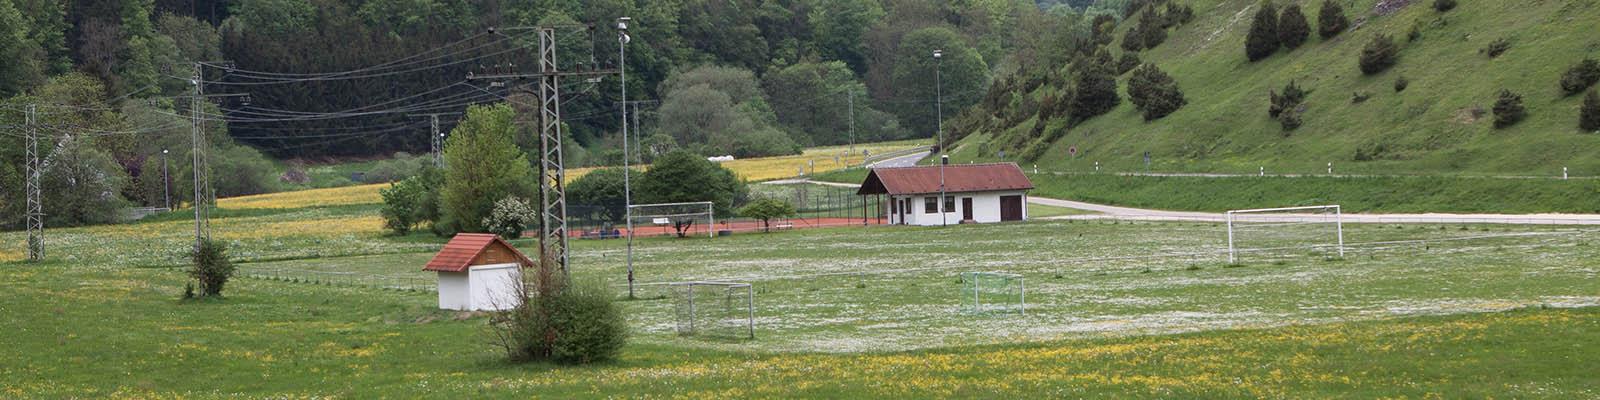 Sportplatz in idyllischer Lage